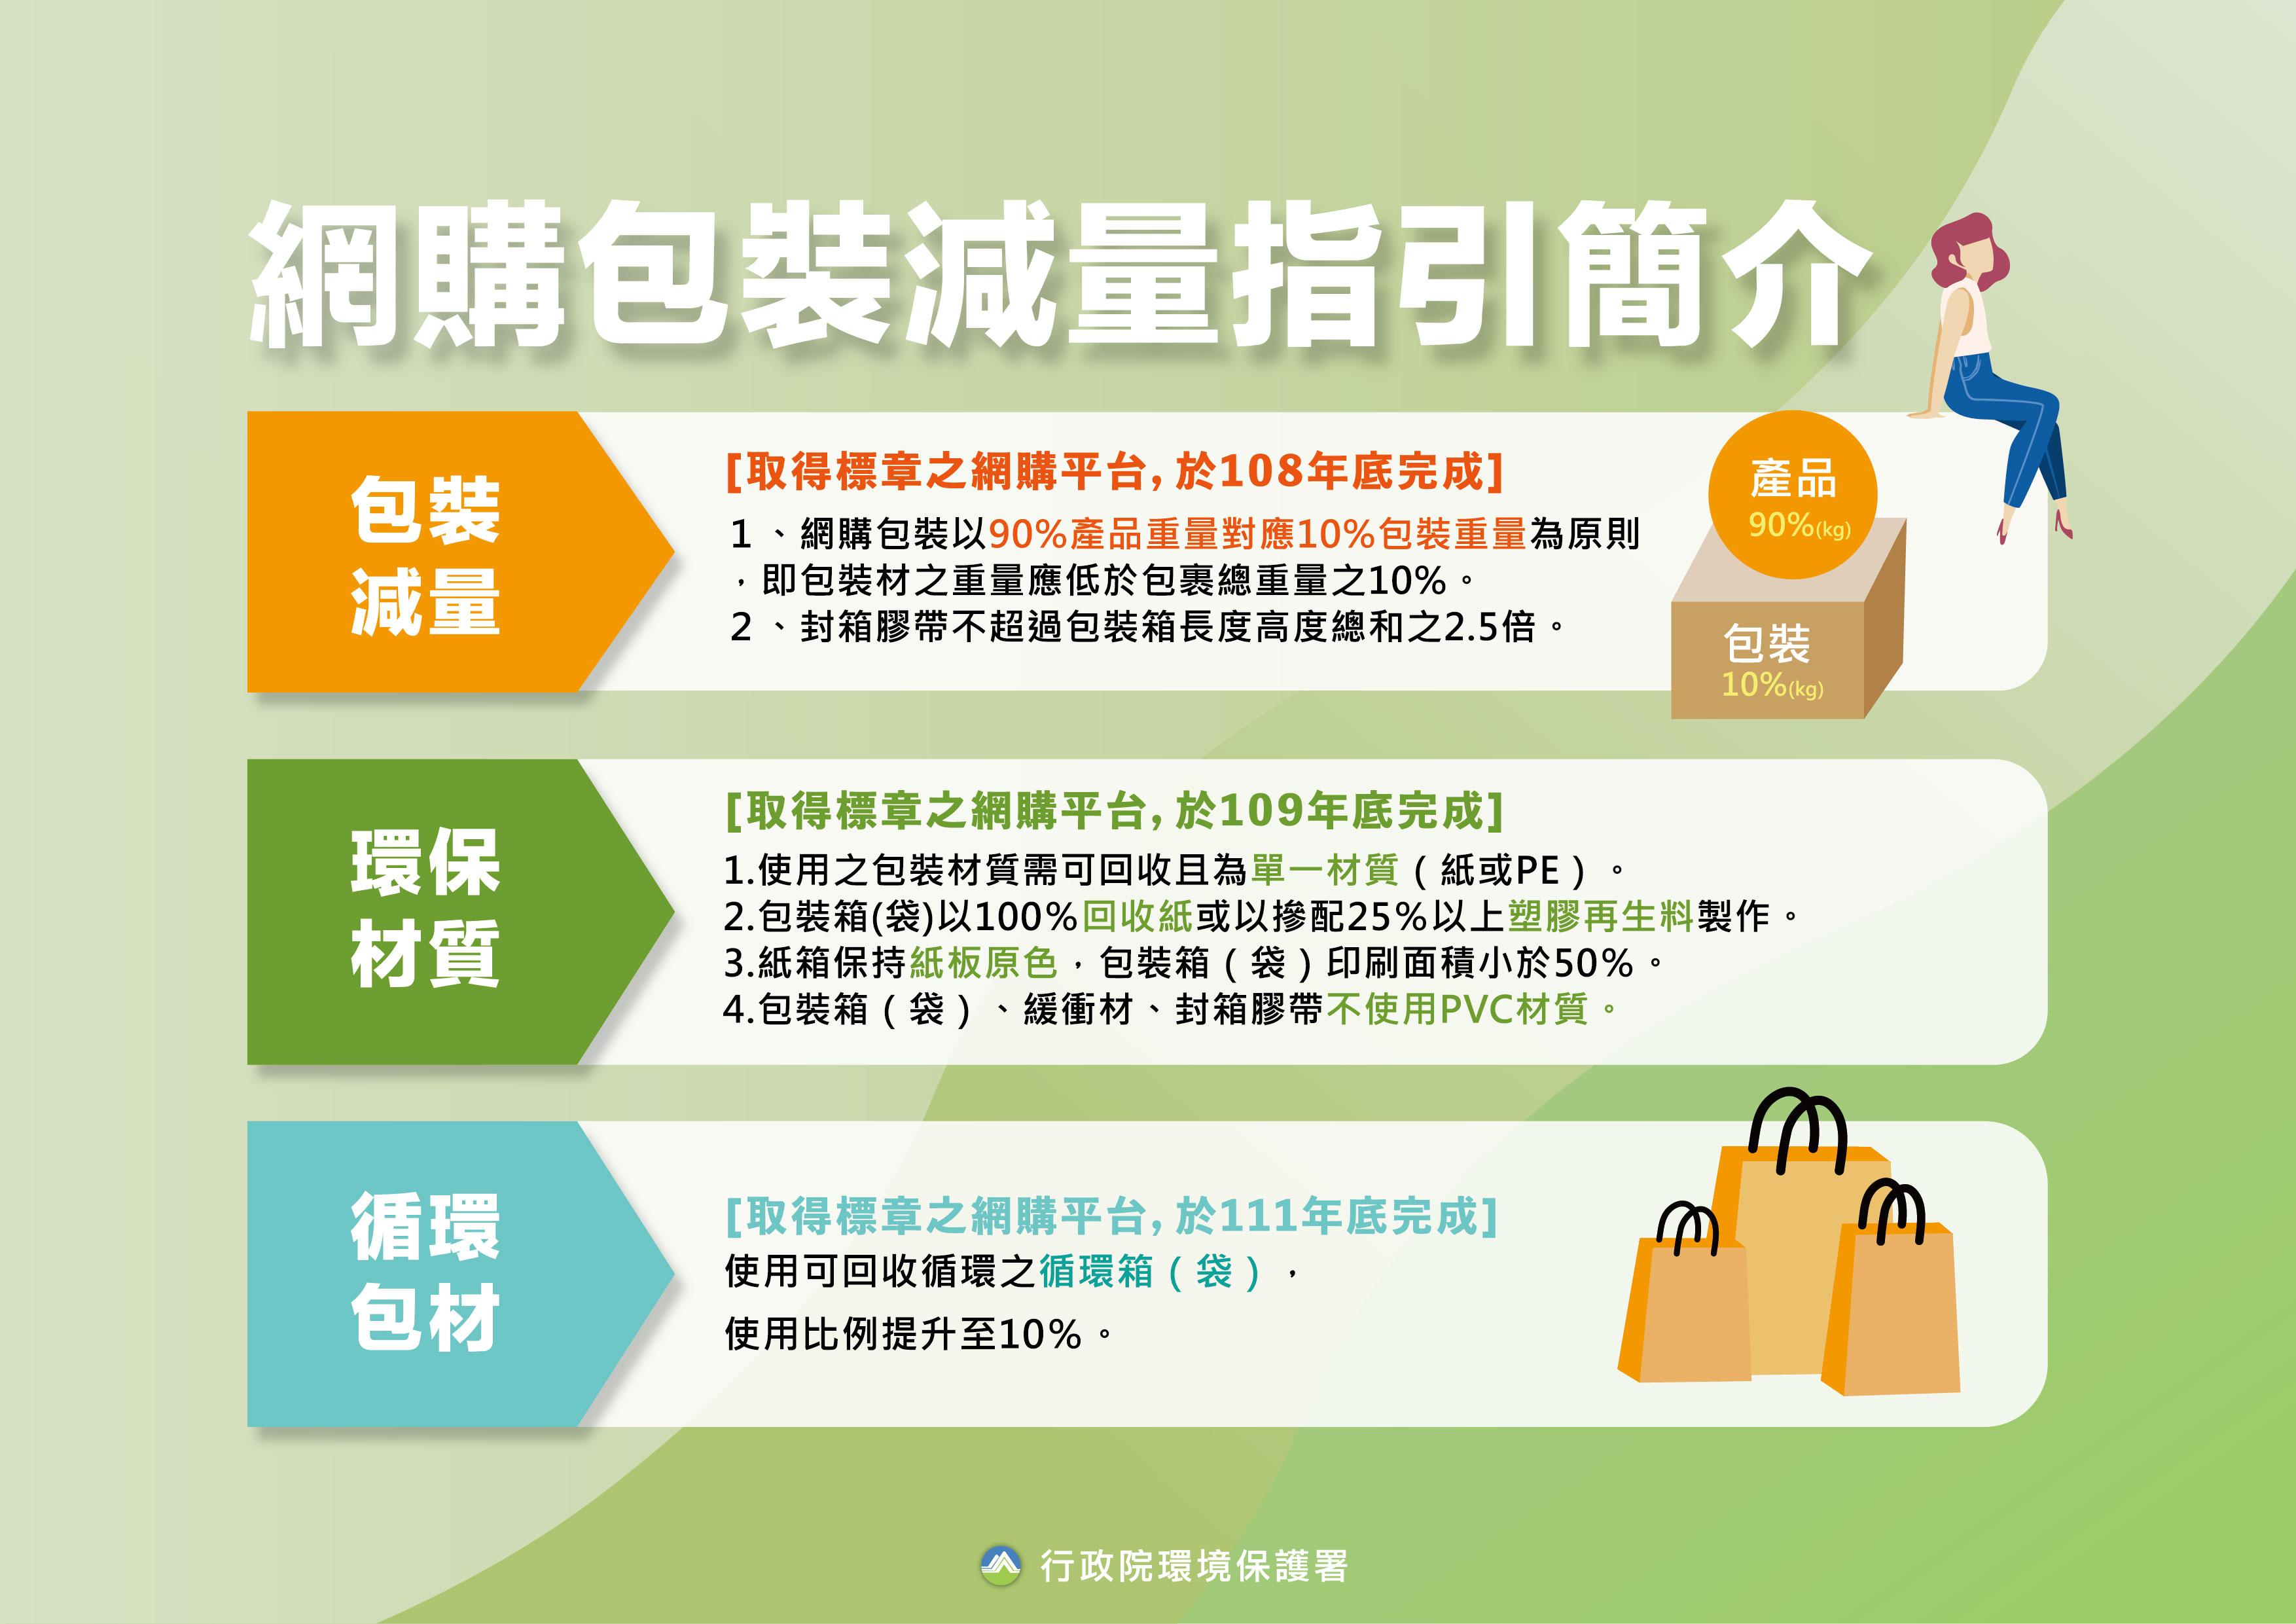 網購包裝減量指引簡介